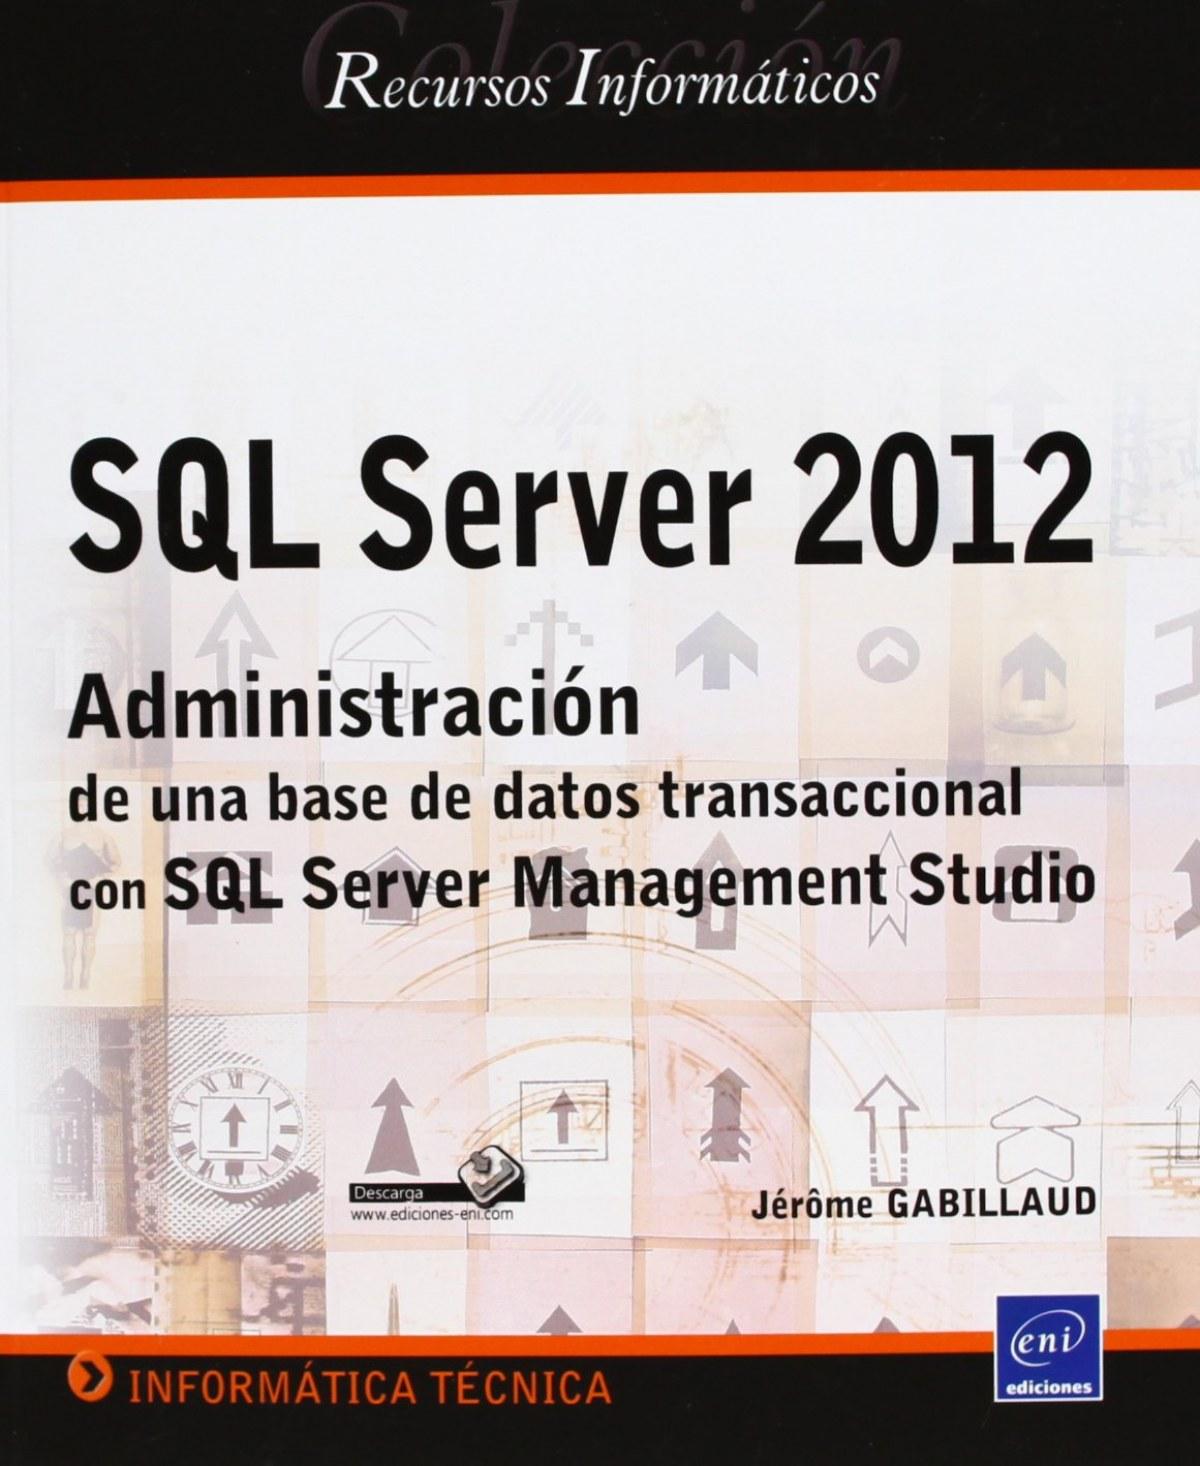 Recursos Inform. SQL Server 2012 - Administración